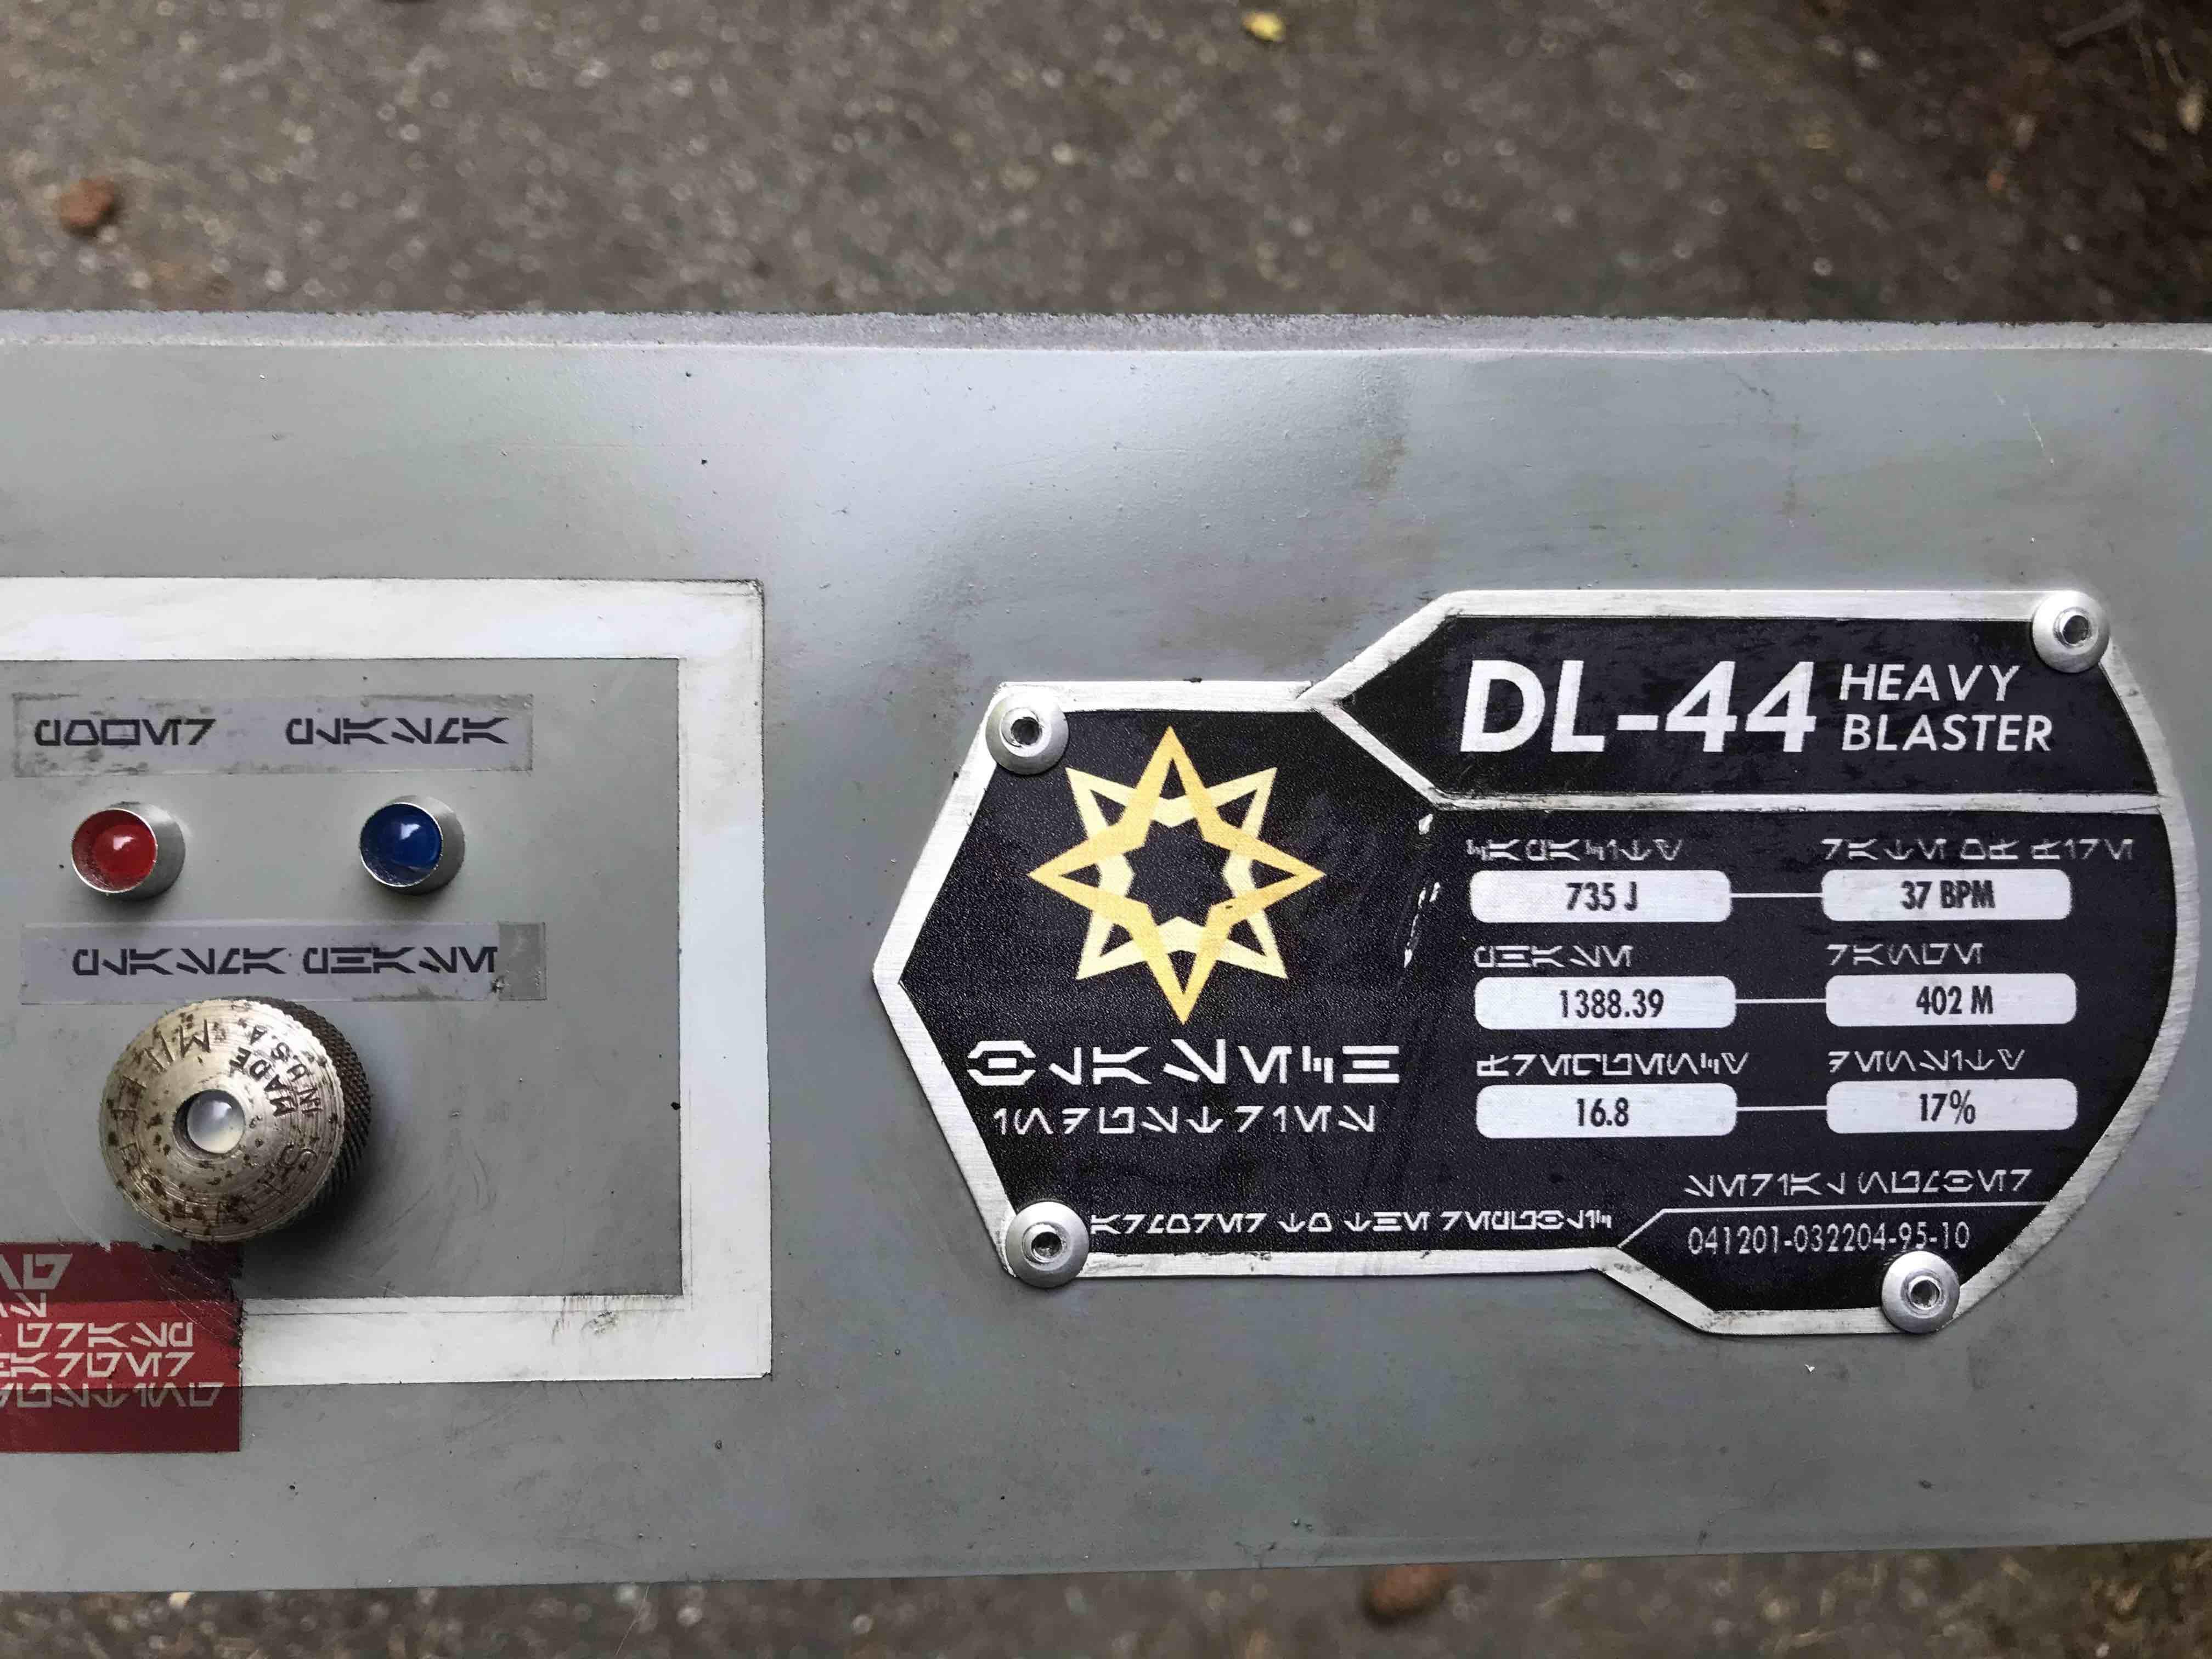 dl44.jpg